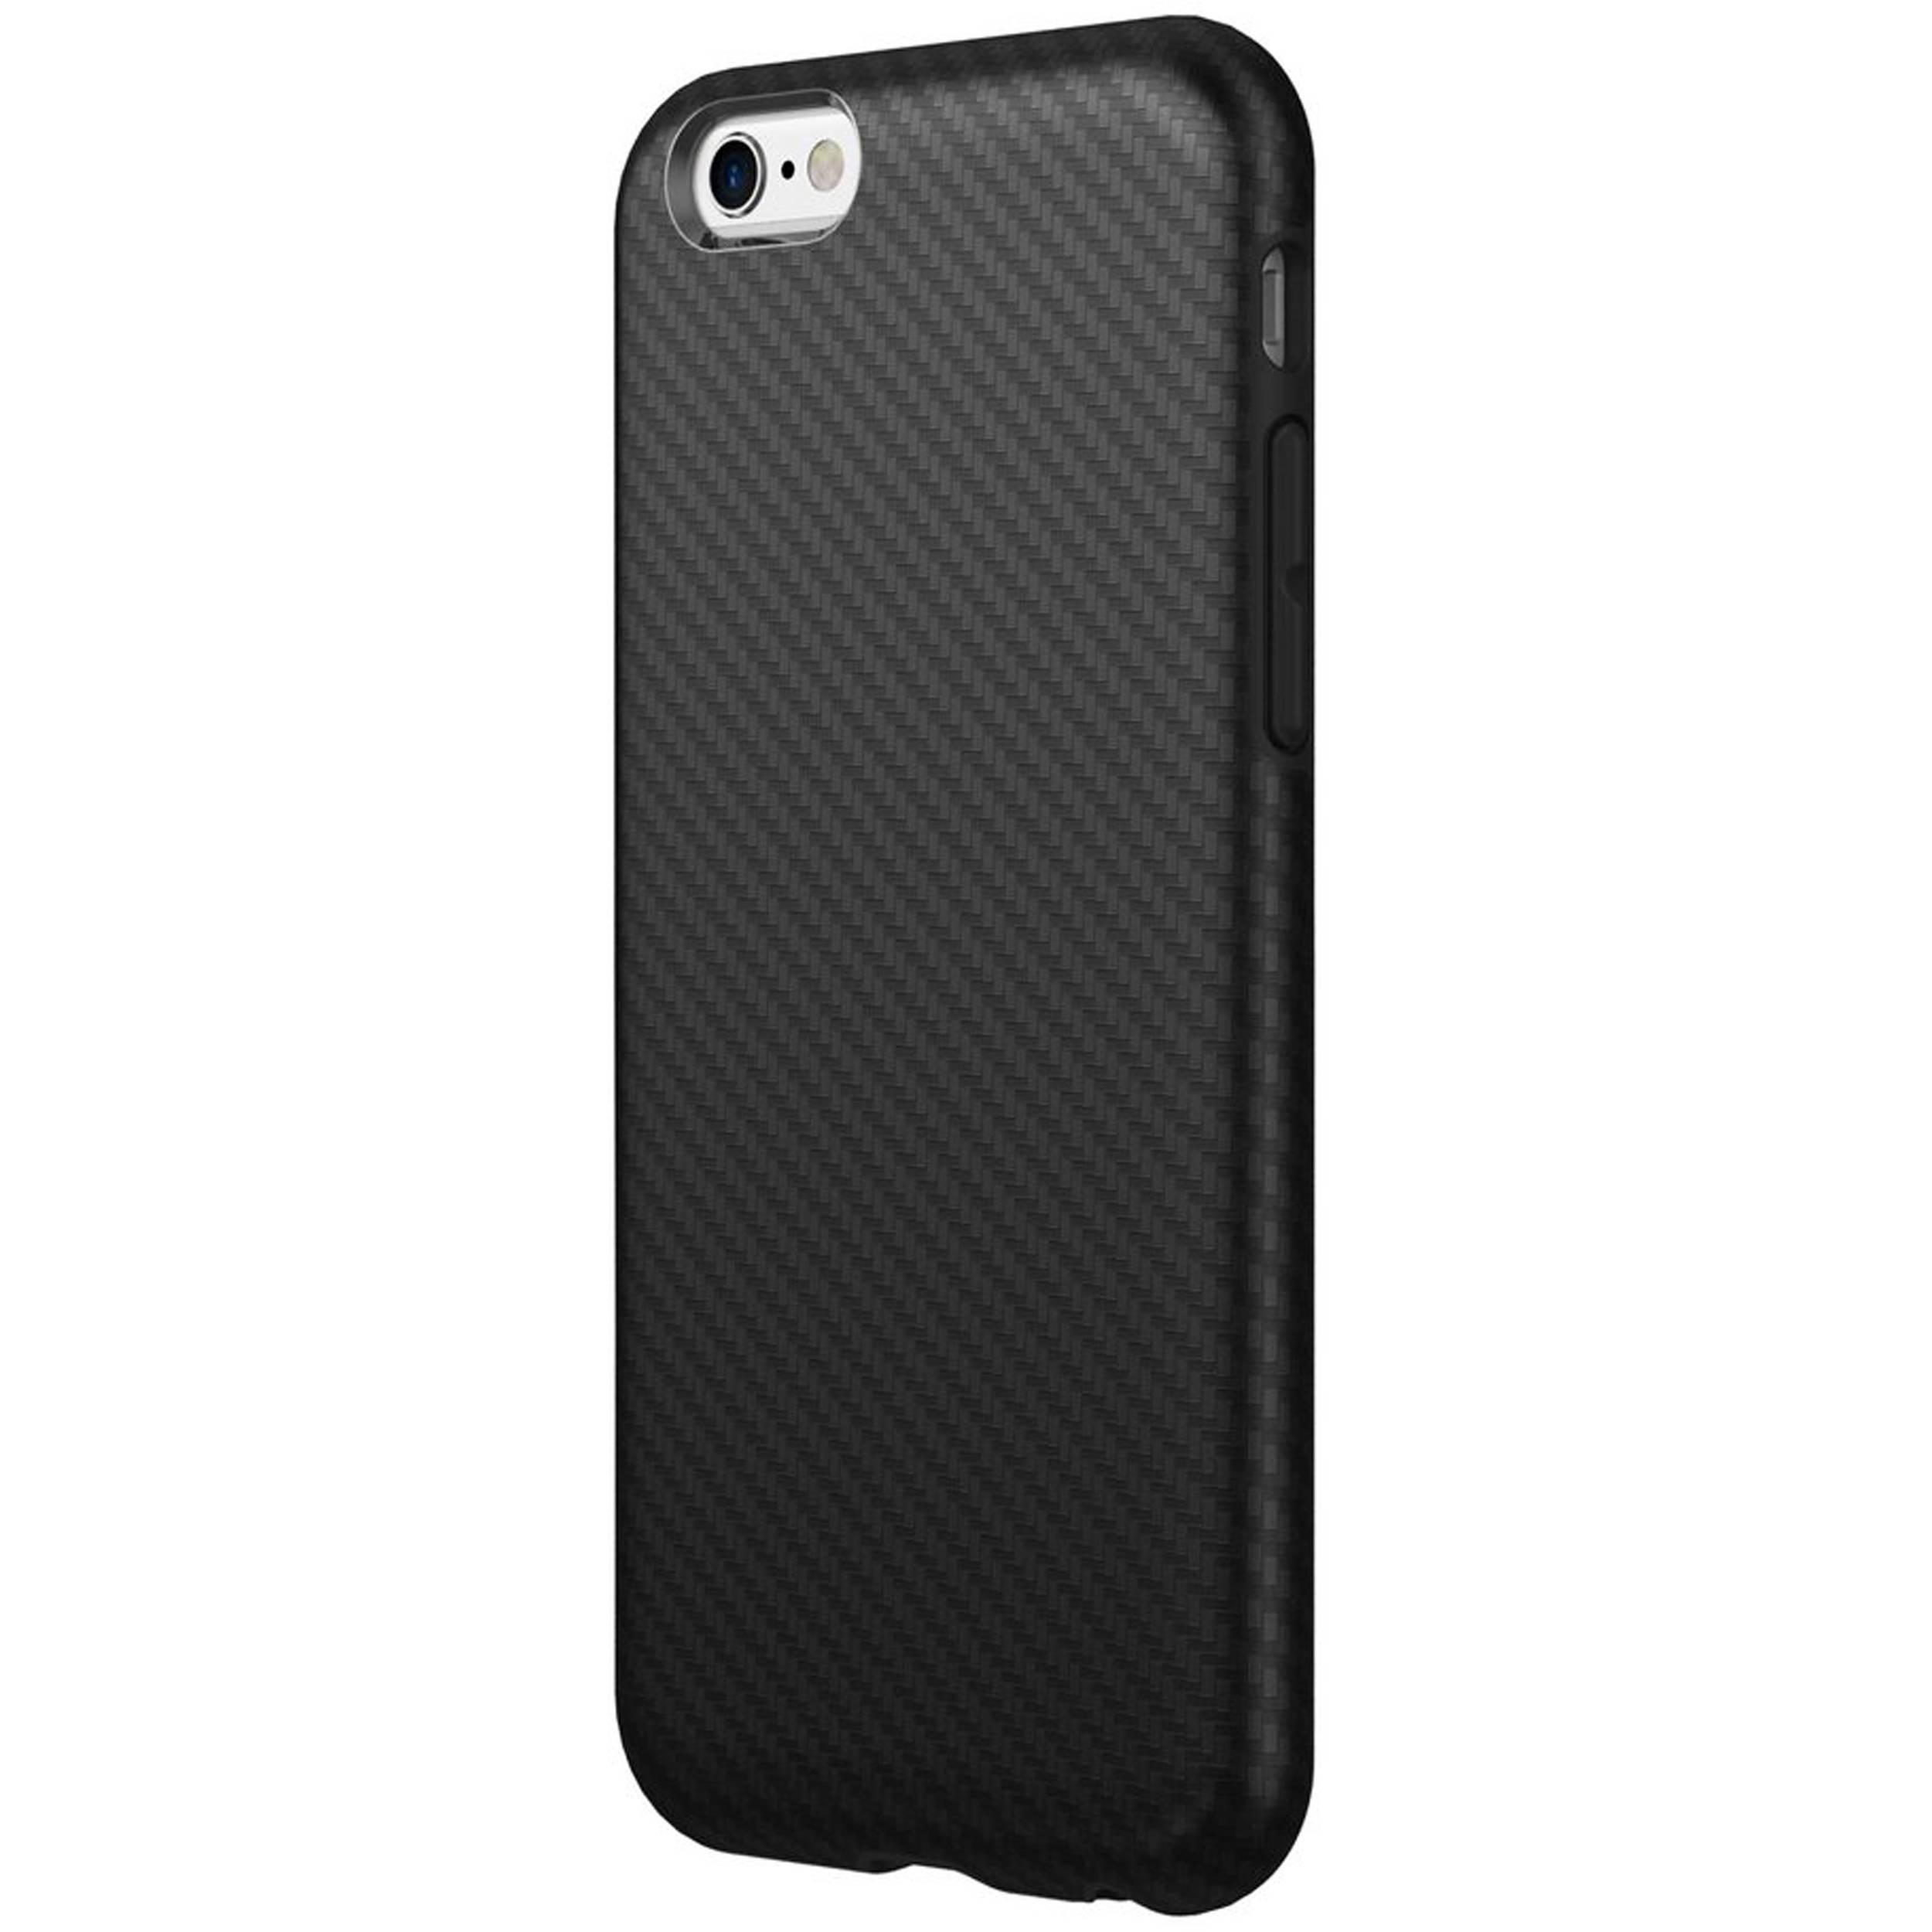 best service 0fd19 8f78a RhinoShield SolidSuit Case for iPhone 6 Plus/6s Plus (Carbon Fiber)